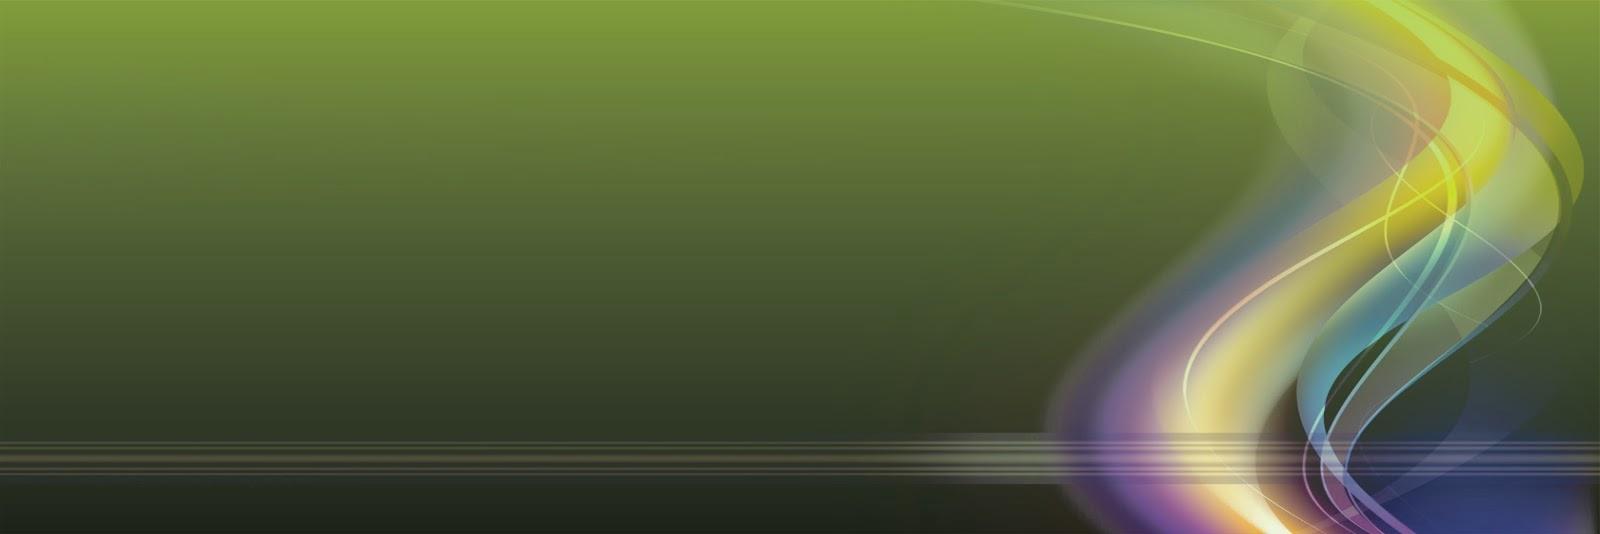 Unduh 770 Background Keren Spanduk Paling Keren